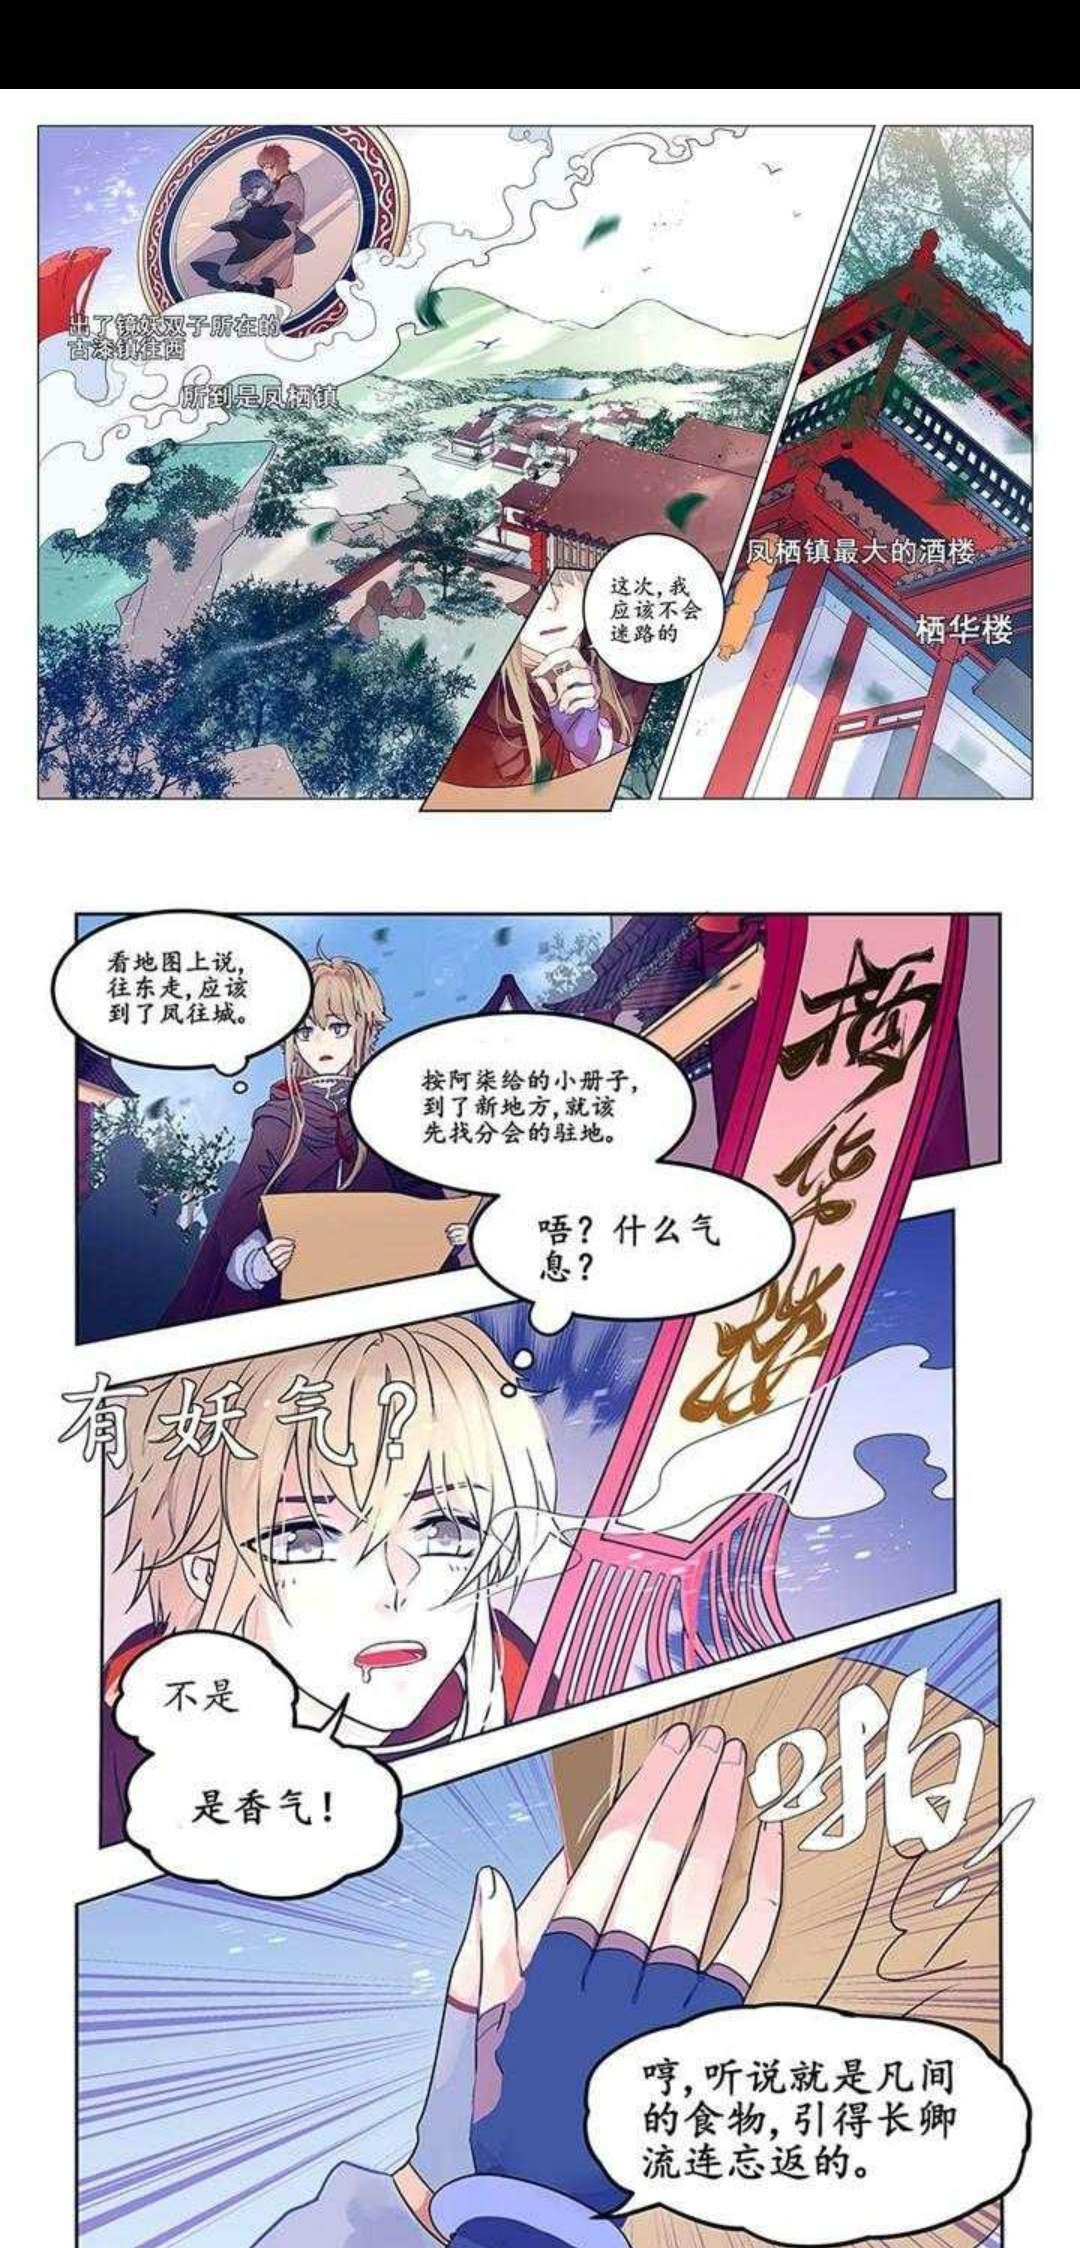 三味漫画2.2.0版 超多漫画!